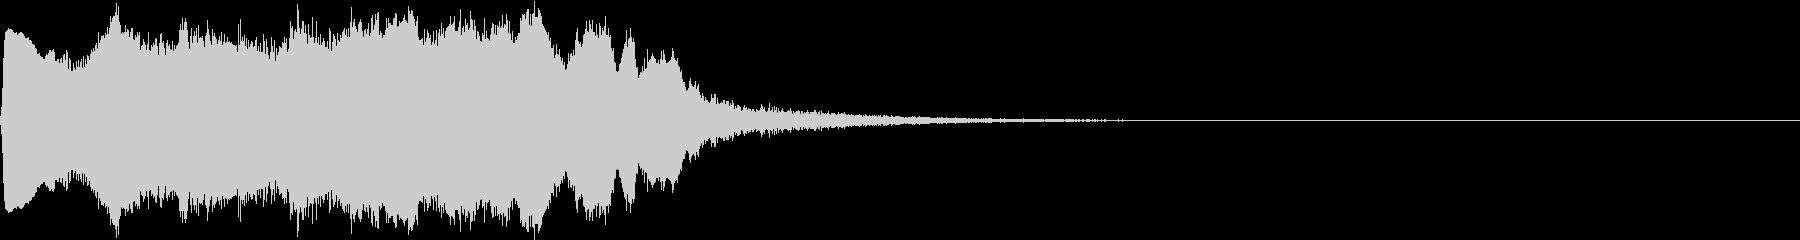 SE ポワーン クイズ出題前 上昇音 7の未再生の波形